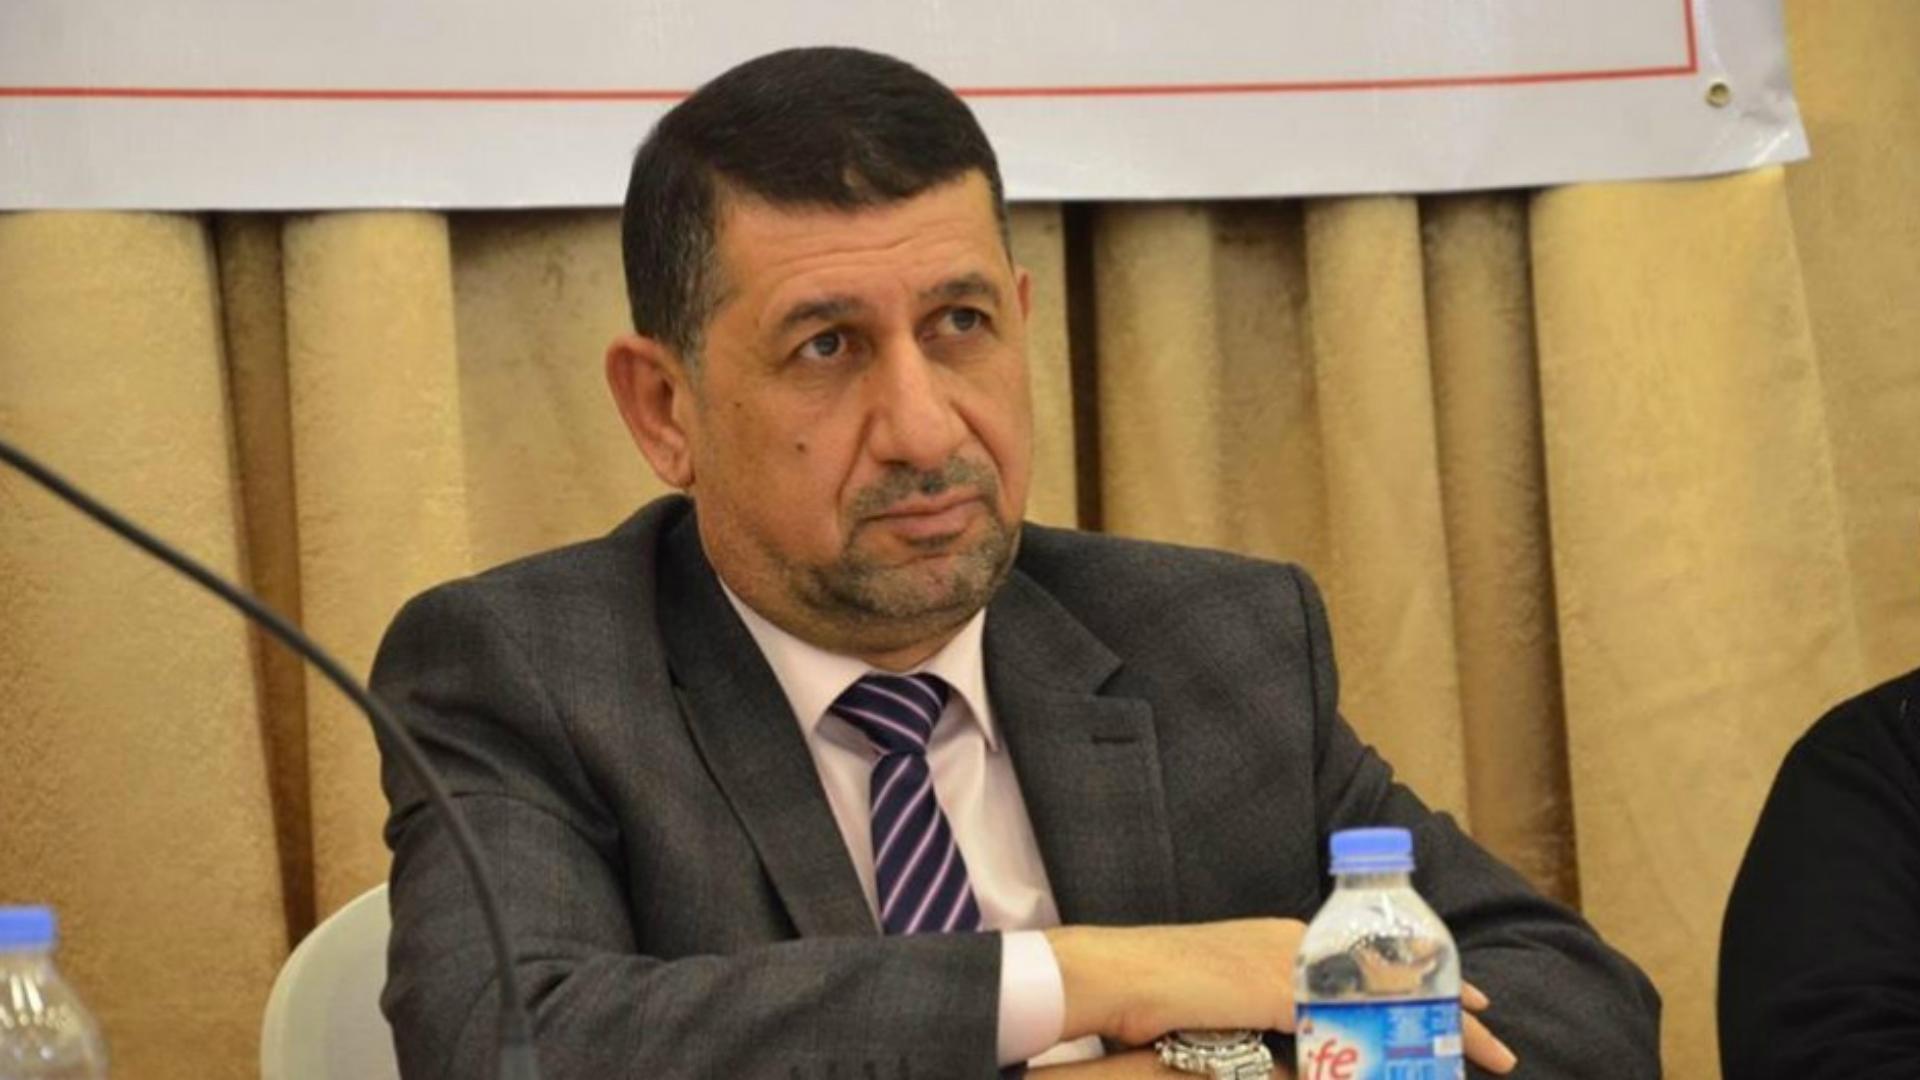 محافظ نينوى يهدد المقاولين المتلكئين بالحبس